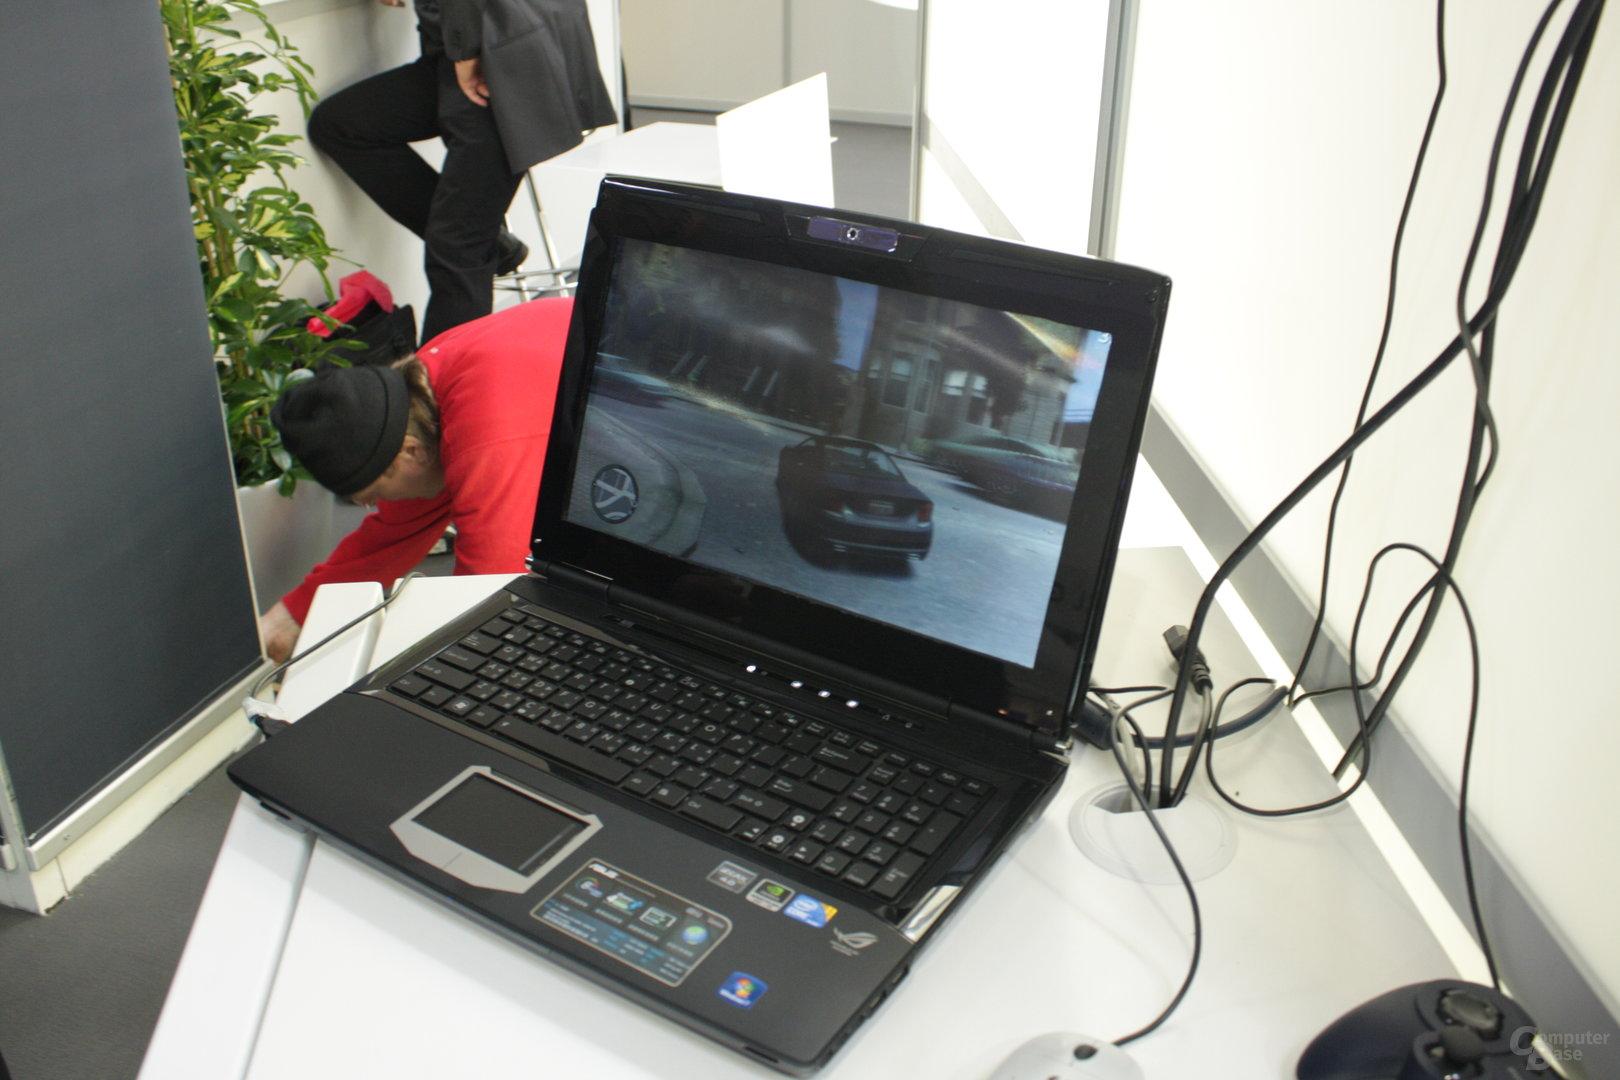 Laptop mit Linsensaufsatz für stereoskopisches Sehen